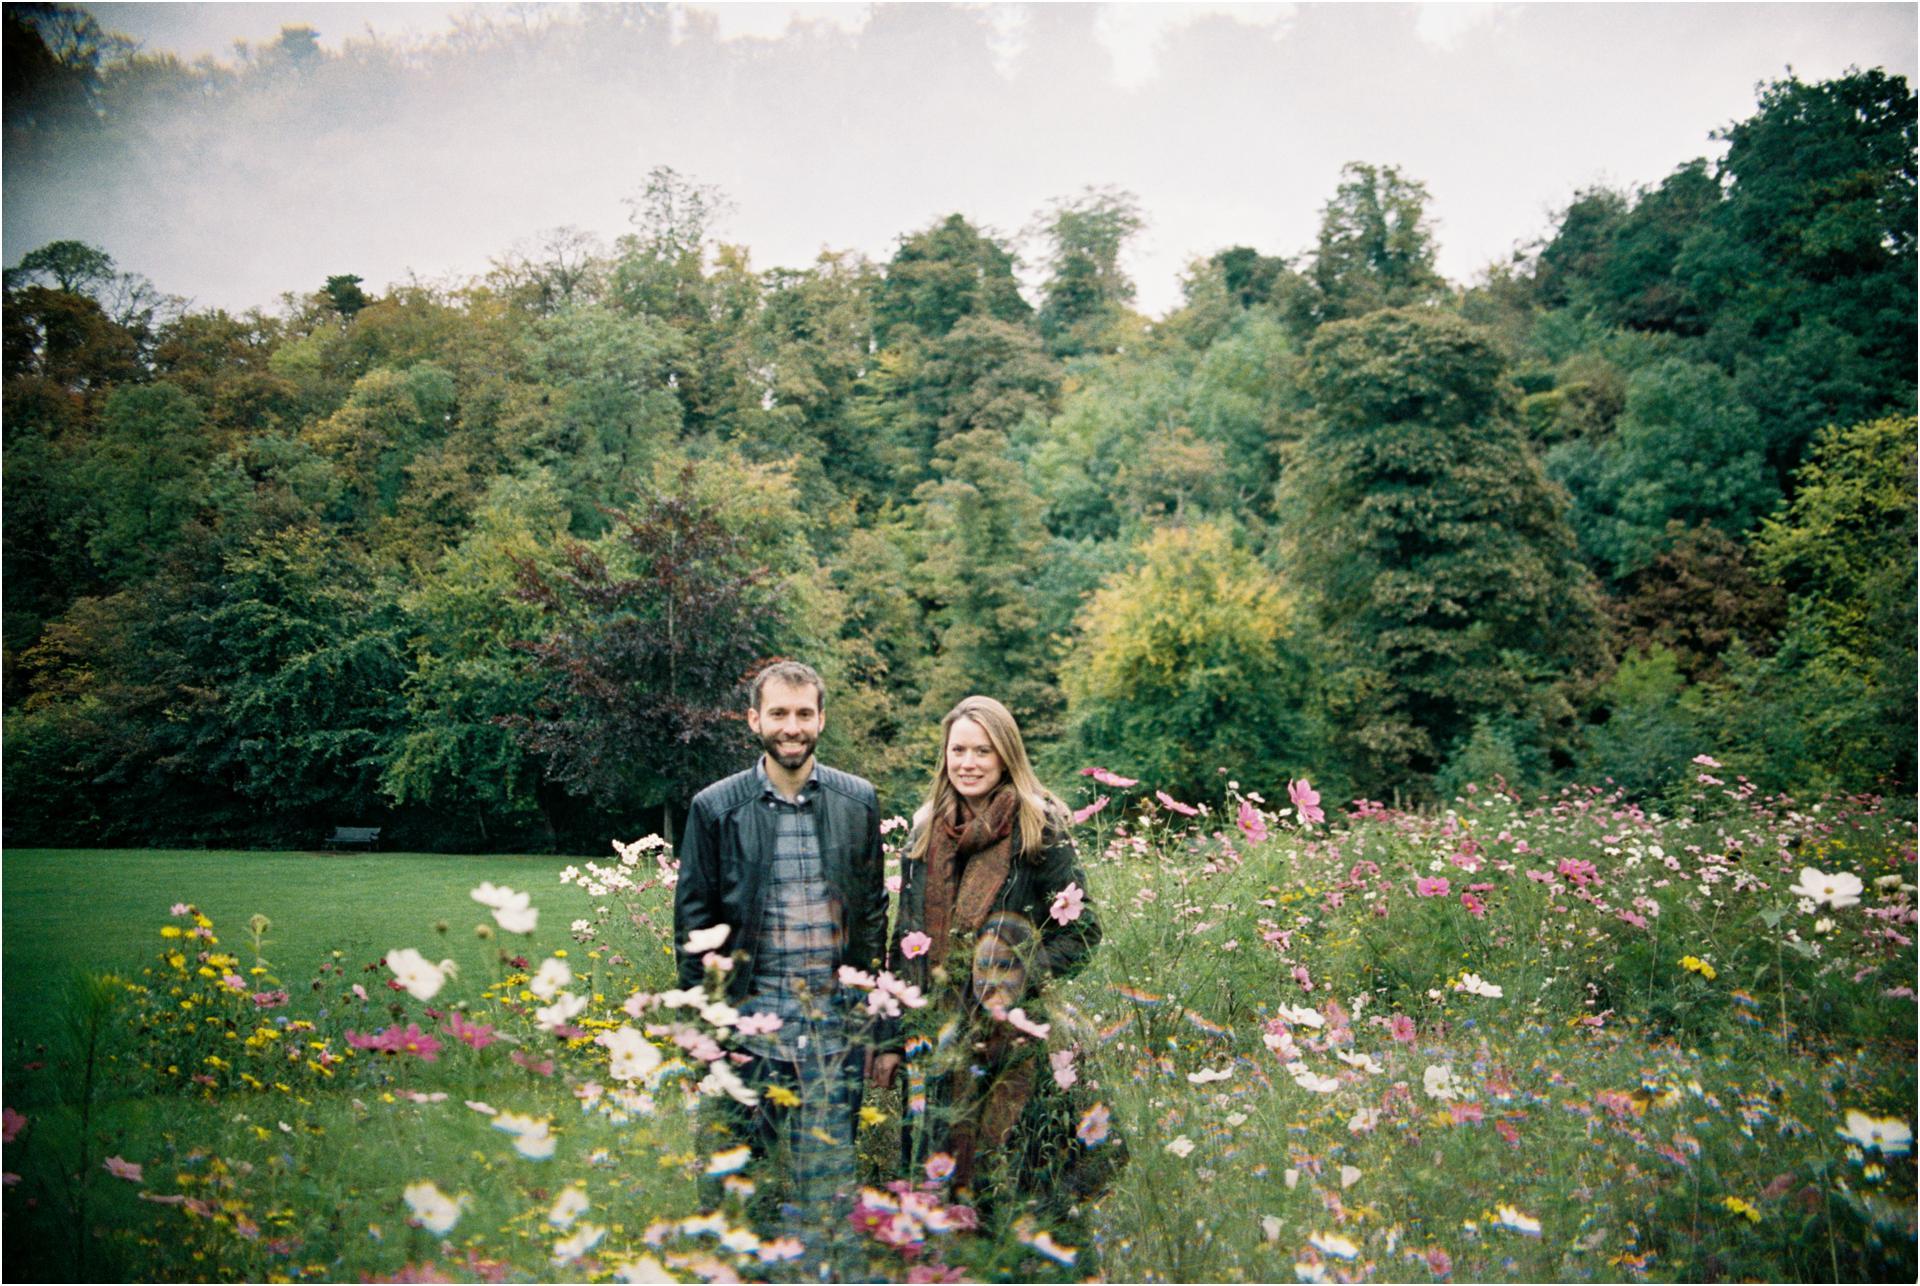 weddingsonfilmphotosbyzoe63